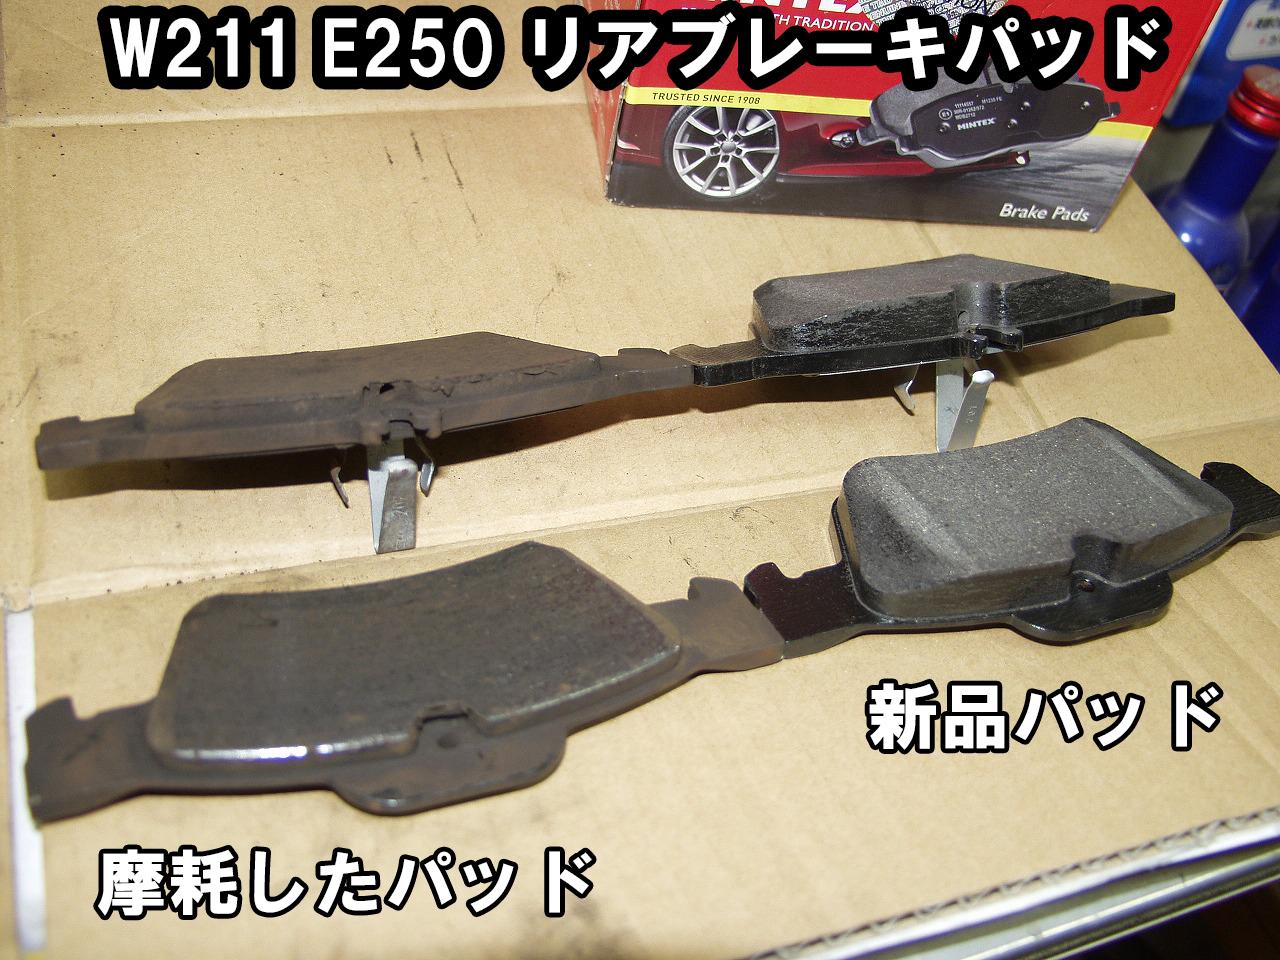 W211E250リアブレーキパッドの新旧比較です。